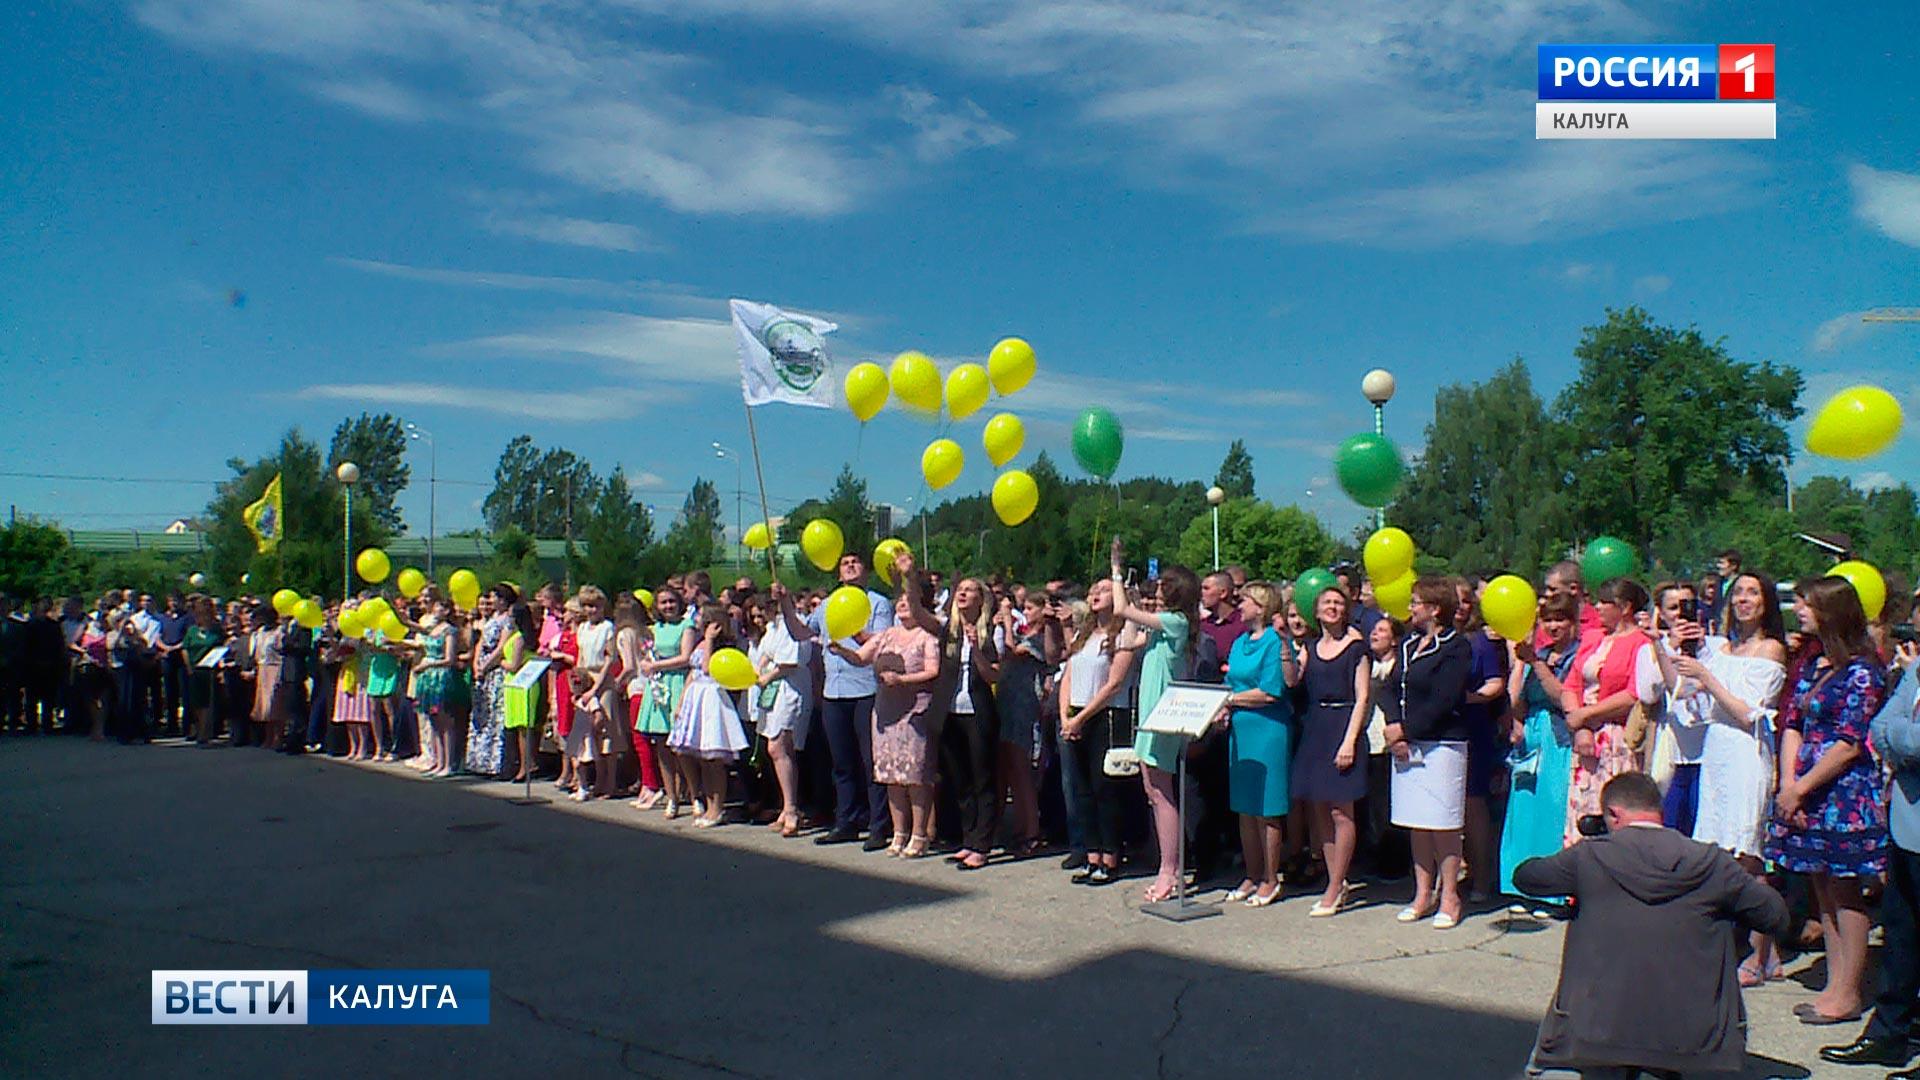 выпускников сельхозакадемии получили дипломы о высшем  Вручение дипломов МСХА1 0703 jpg ГТРК Калуга